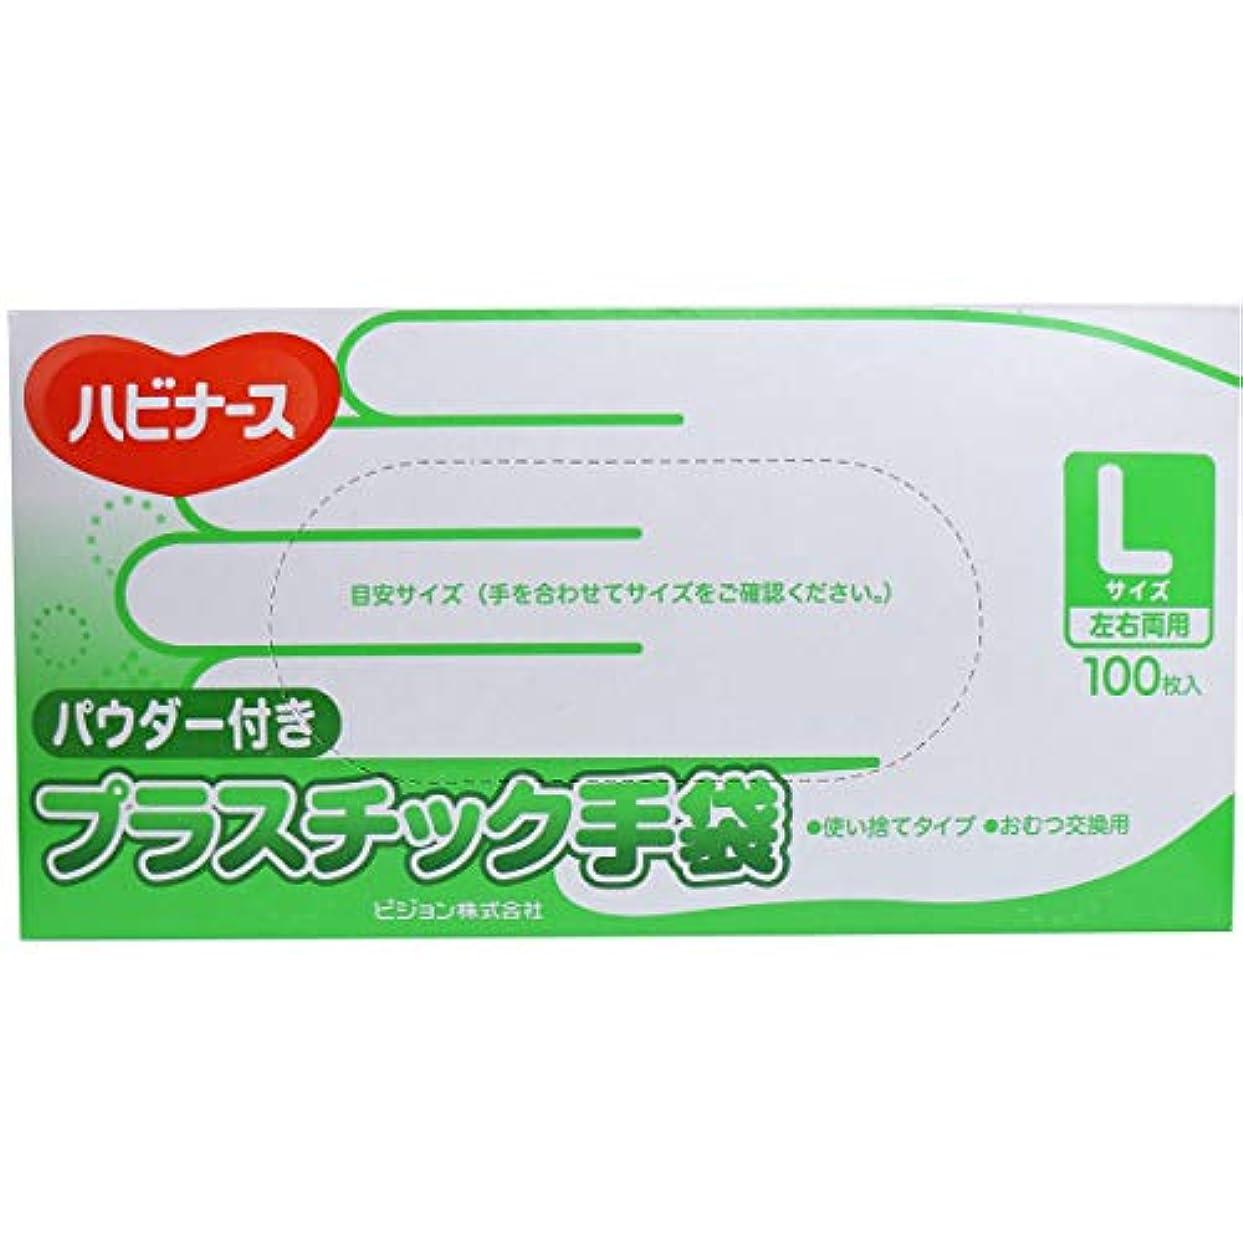 現在プラス硫黄ハビナース プラスチック手袋 パウダー付き Lサイズ 100枚入×5個セット(管理番号 4902508113731)